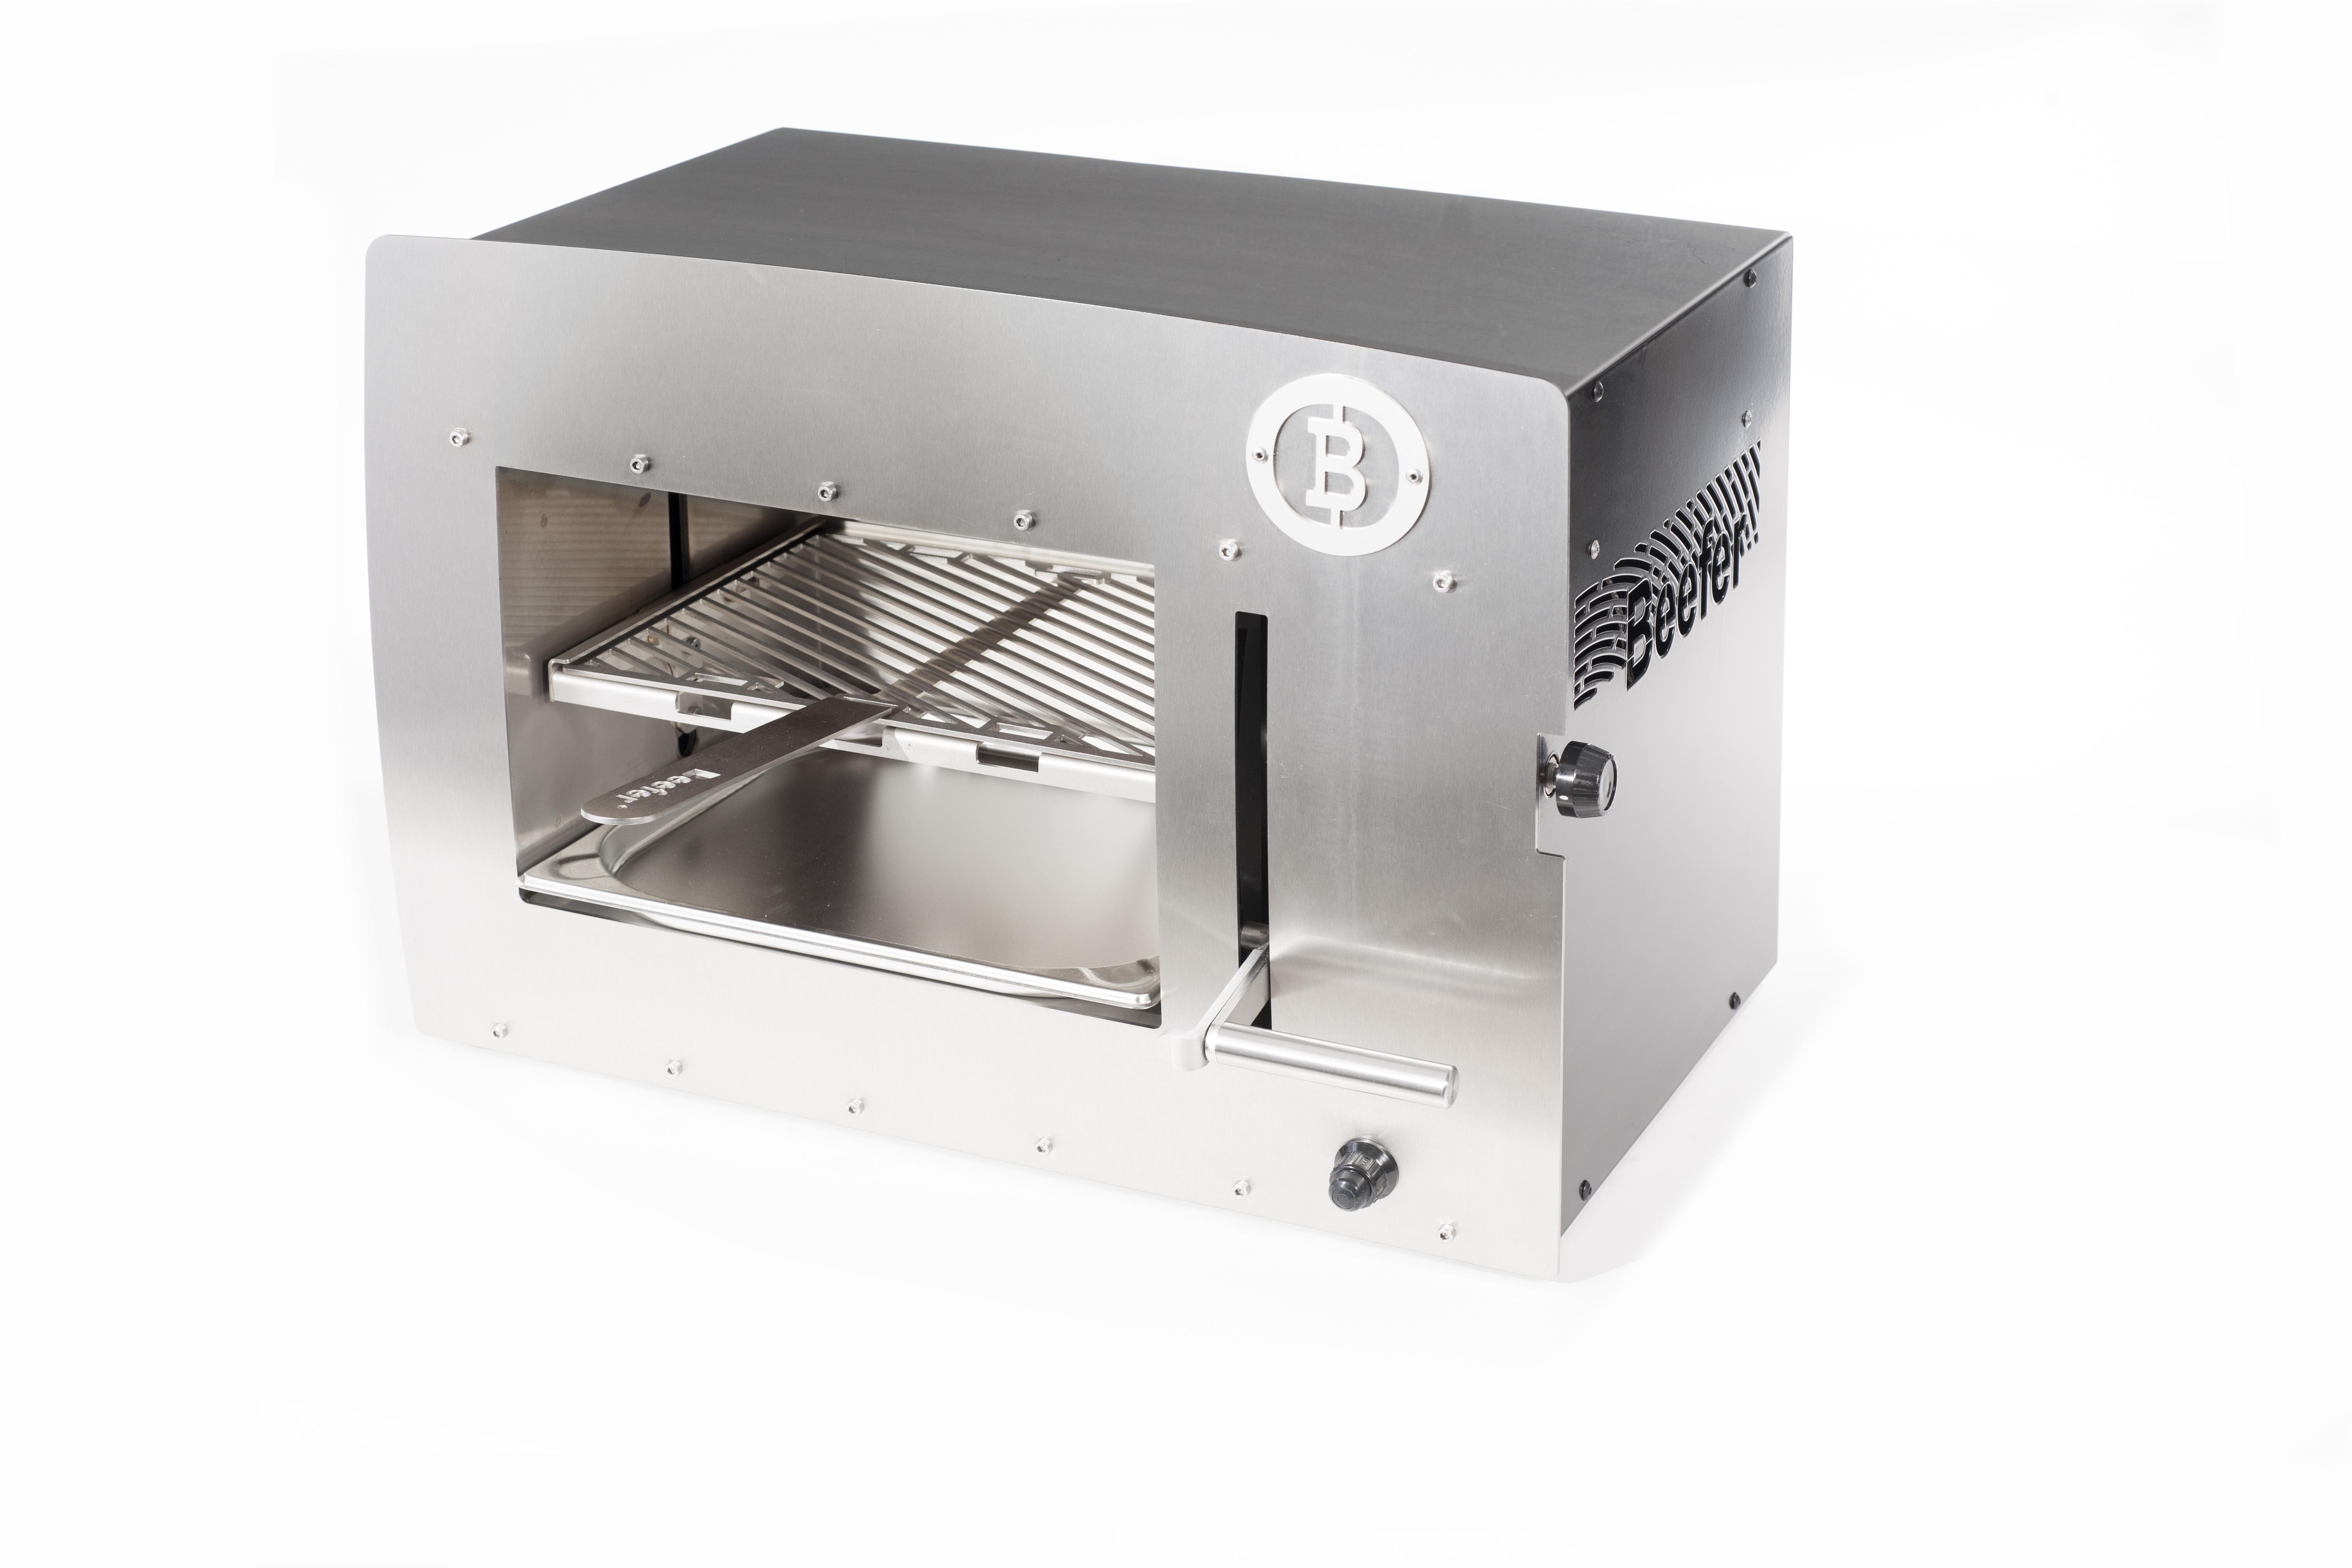 Outdoorküche Klein Xl : Oneq home oneq grill und outdoorküchen